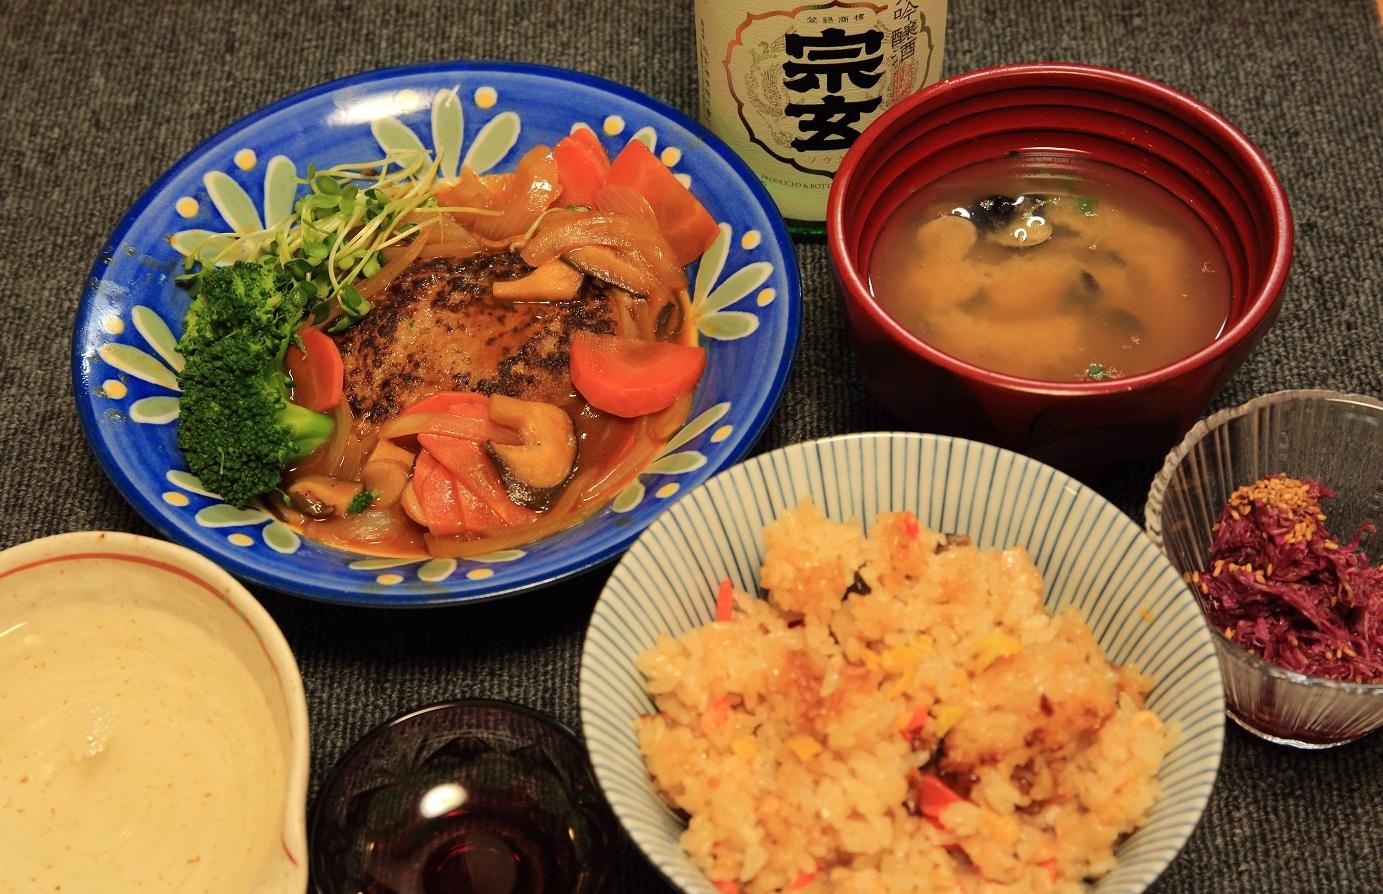 ブログ 鳥、シメジご飯と煮込みハンバーグの夕食.jpg